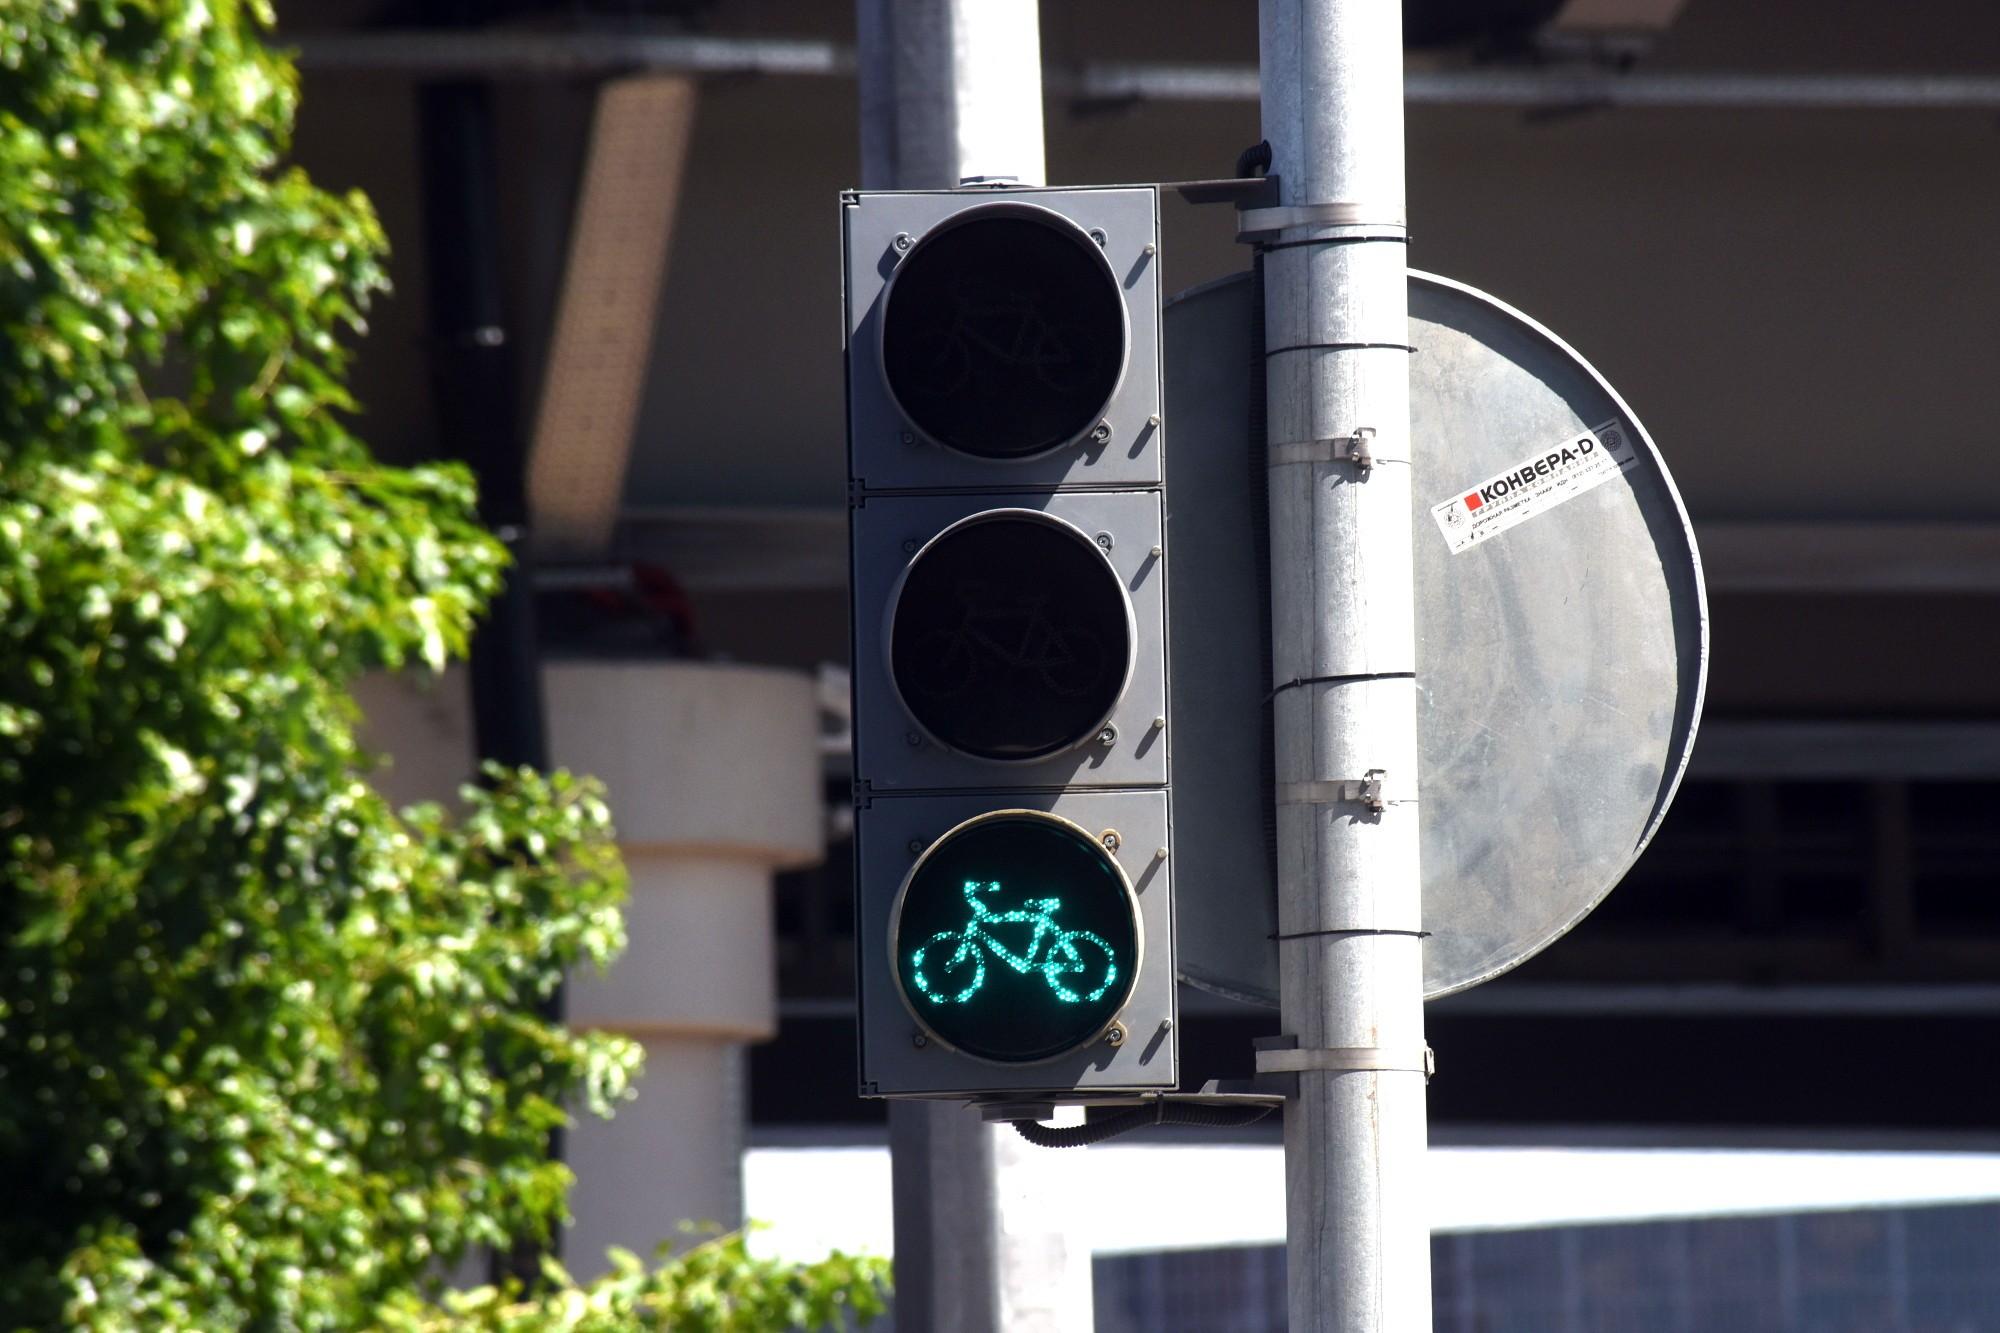 светофор для велосипедистов Морская набережная